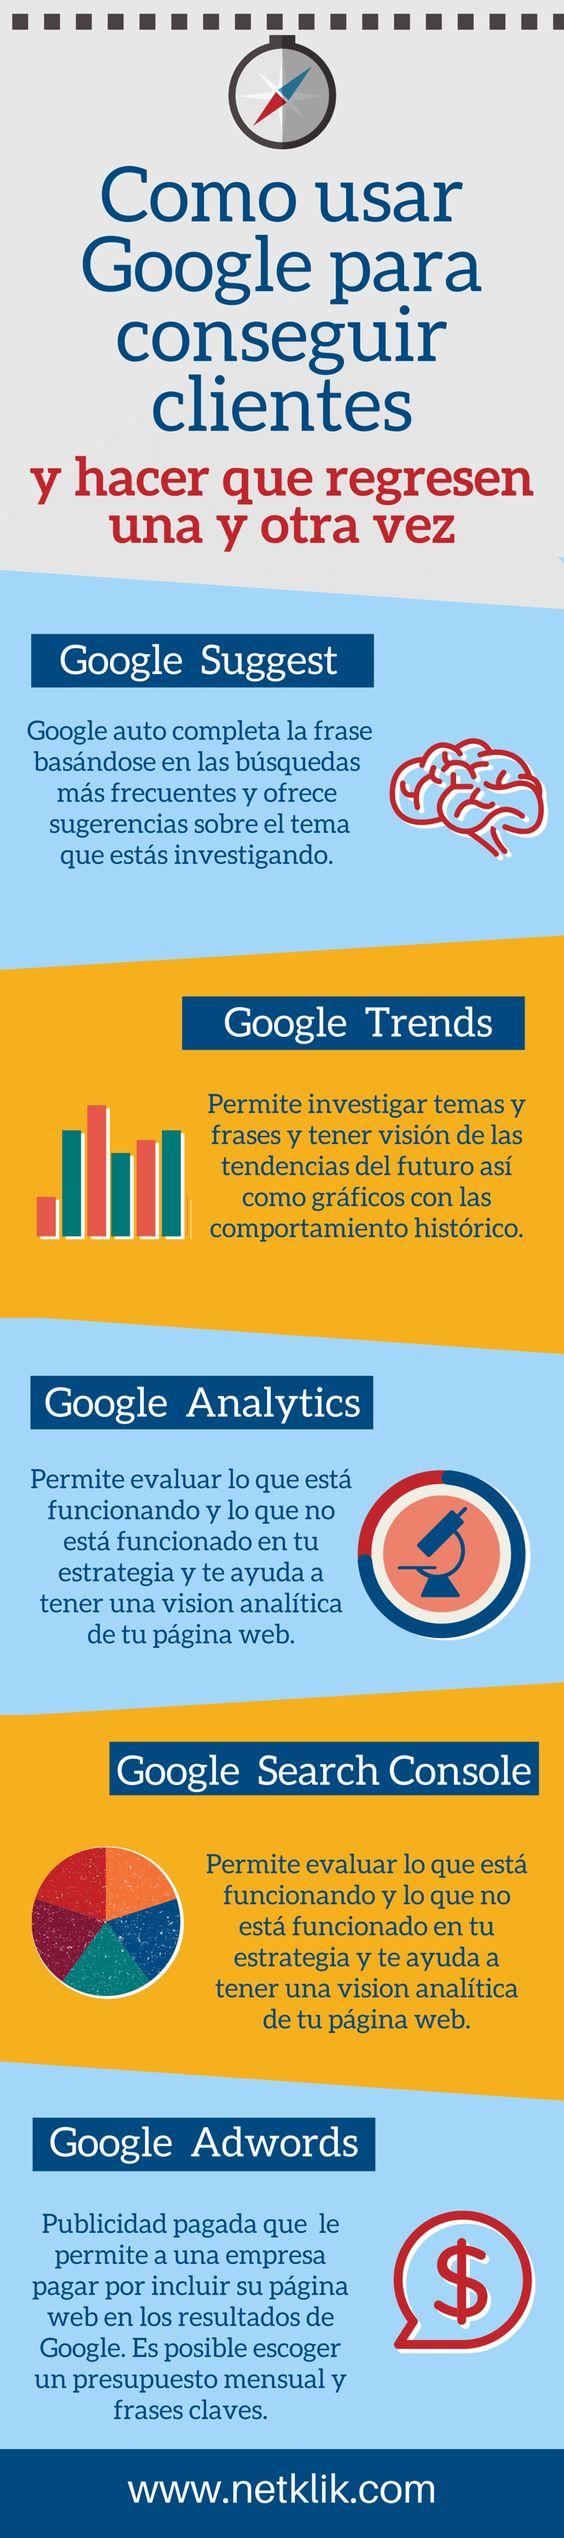 google-para-conseguir-clientes